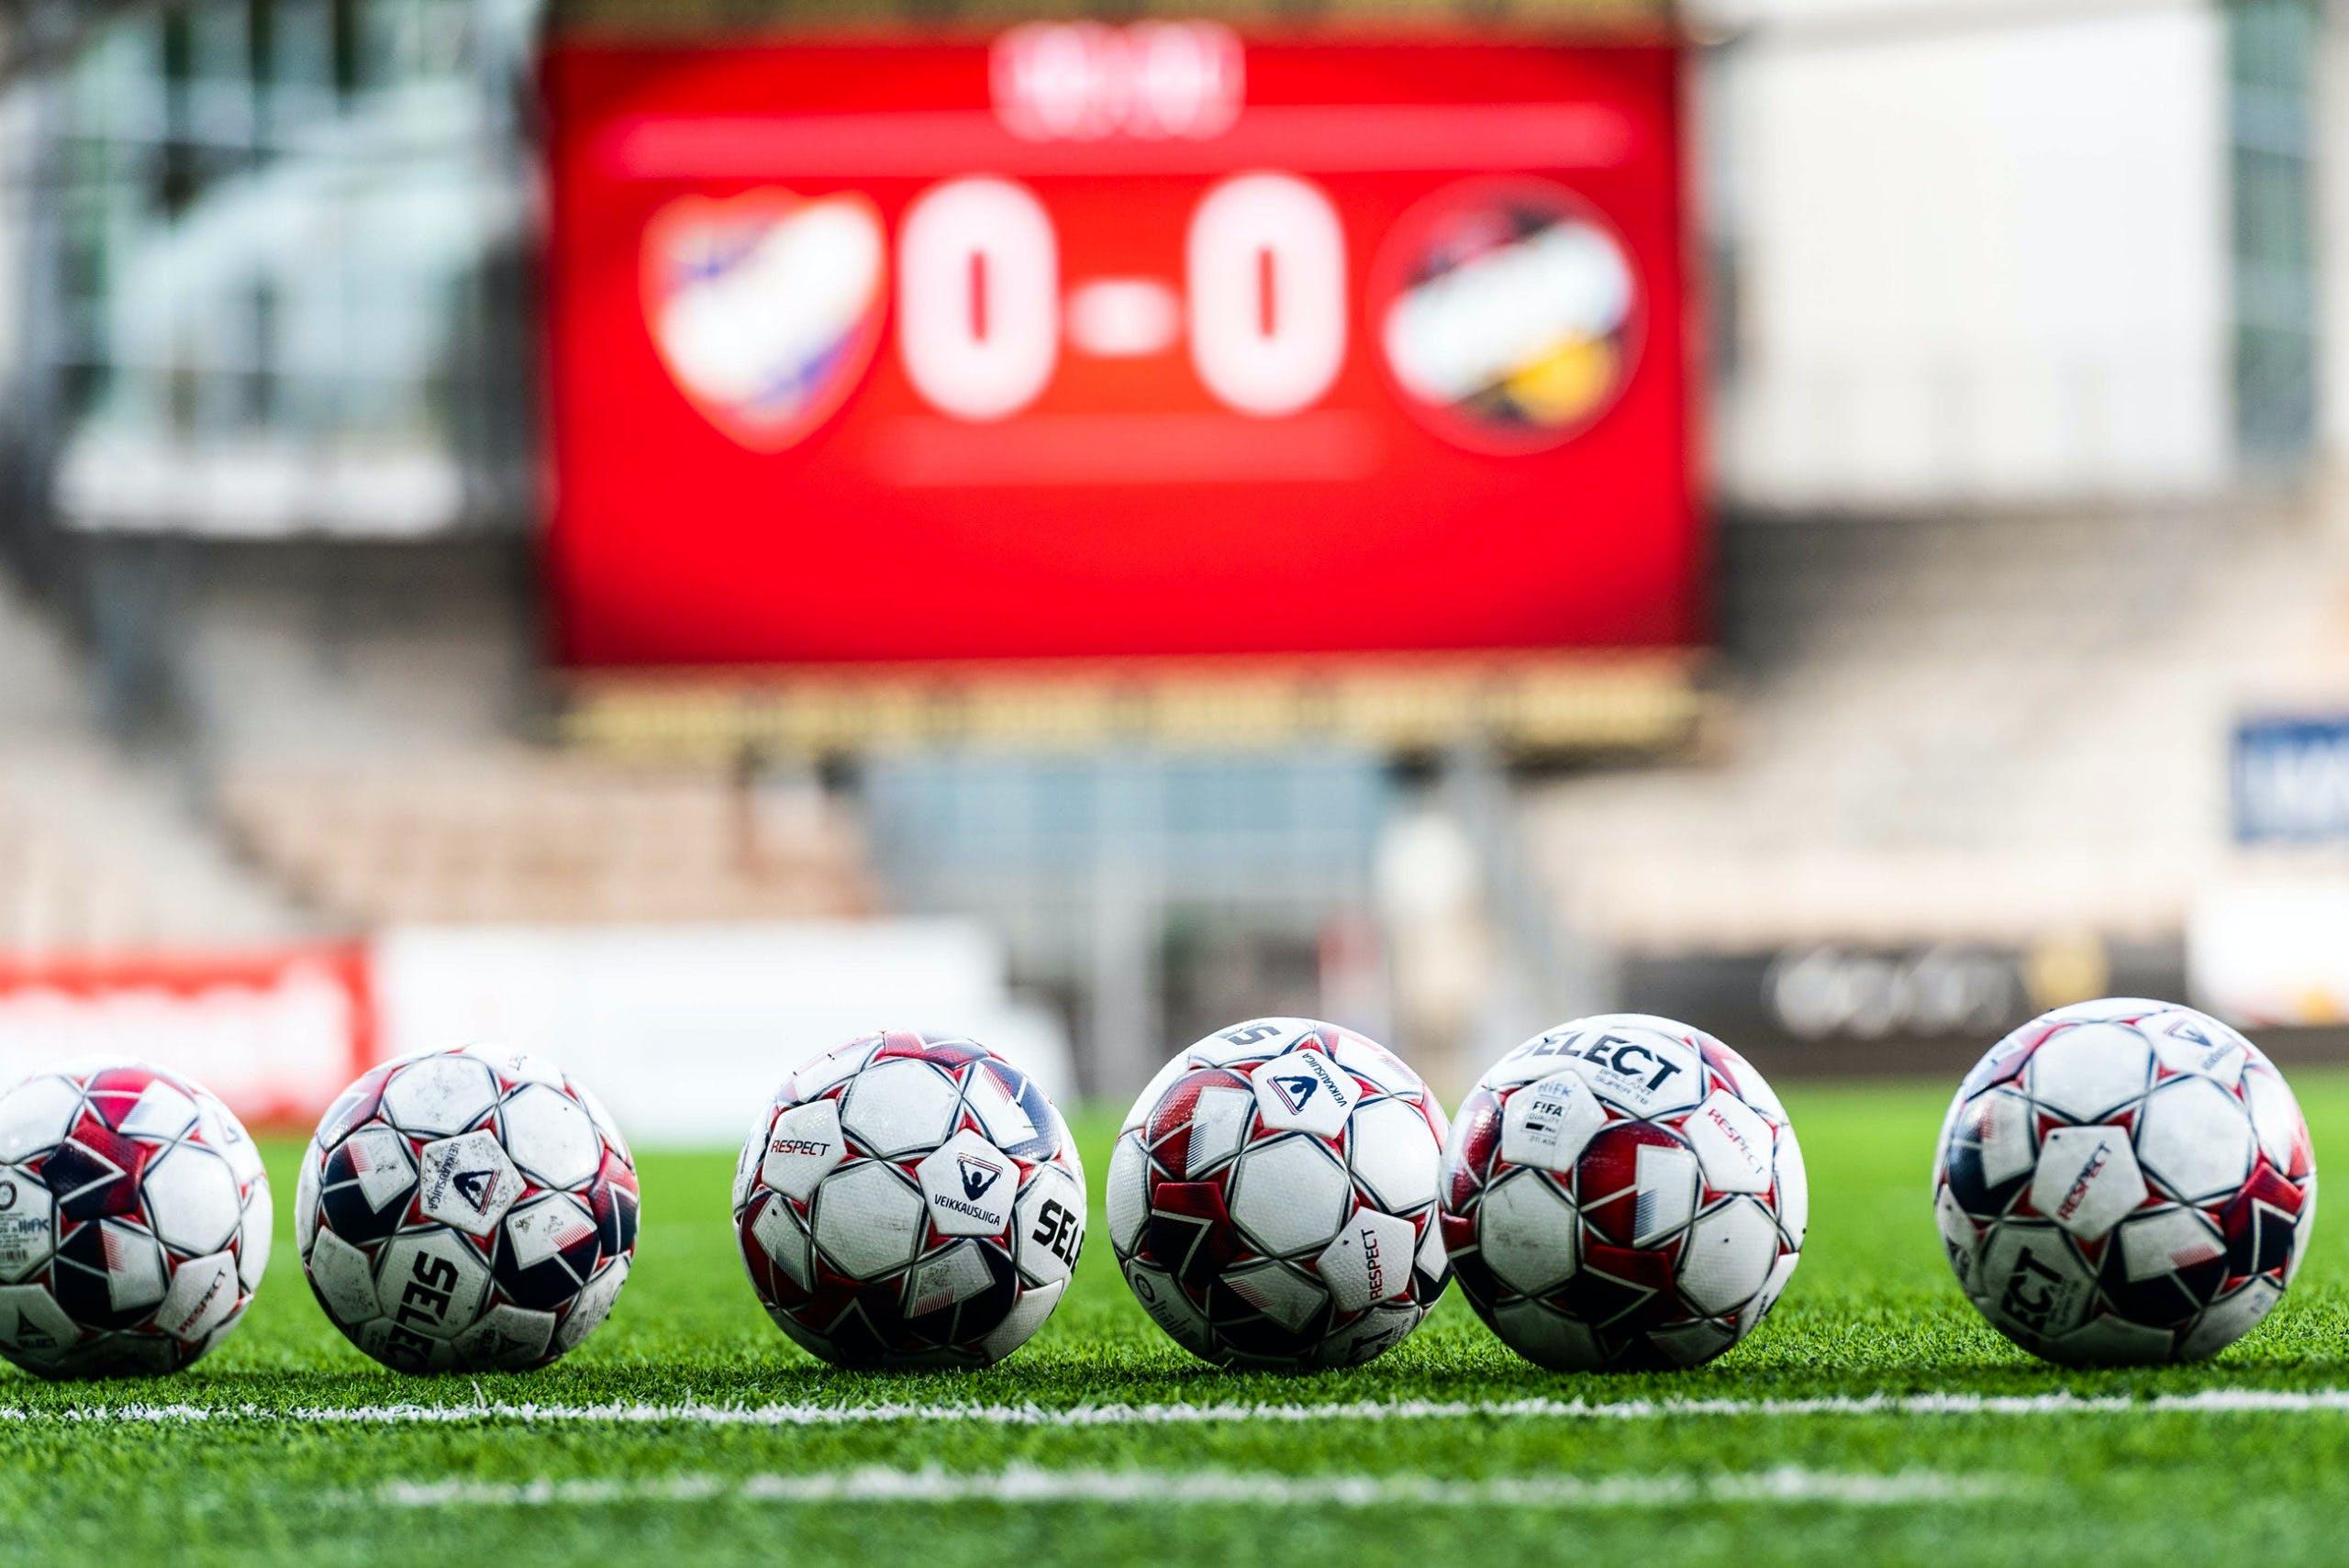 Veikkausliigas matchprogram för säsongen 2020 publicerat